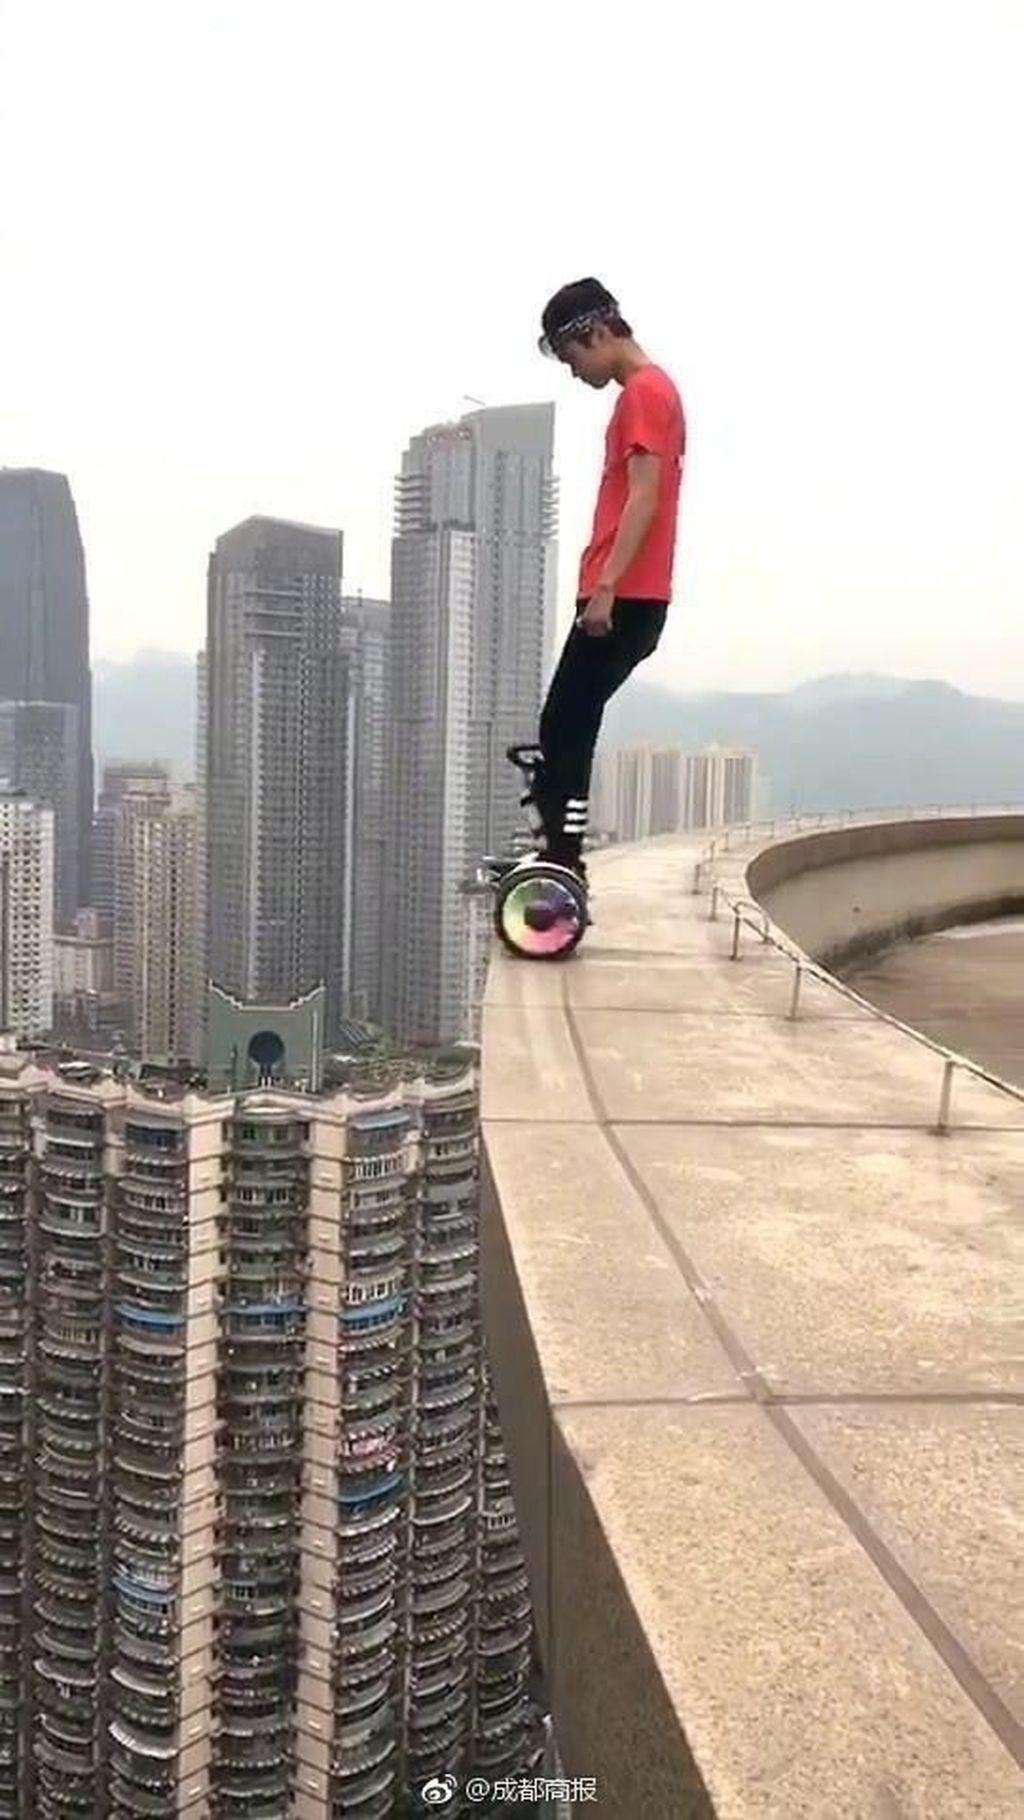 Pasalnya, dia disebut-sebut sebagai yang pertama di sana dalam memulai tren berpose menantang maut di ketinggian gedung-gedung tanpa pengaman. Foto: Yong Ning